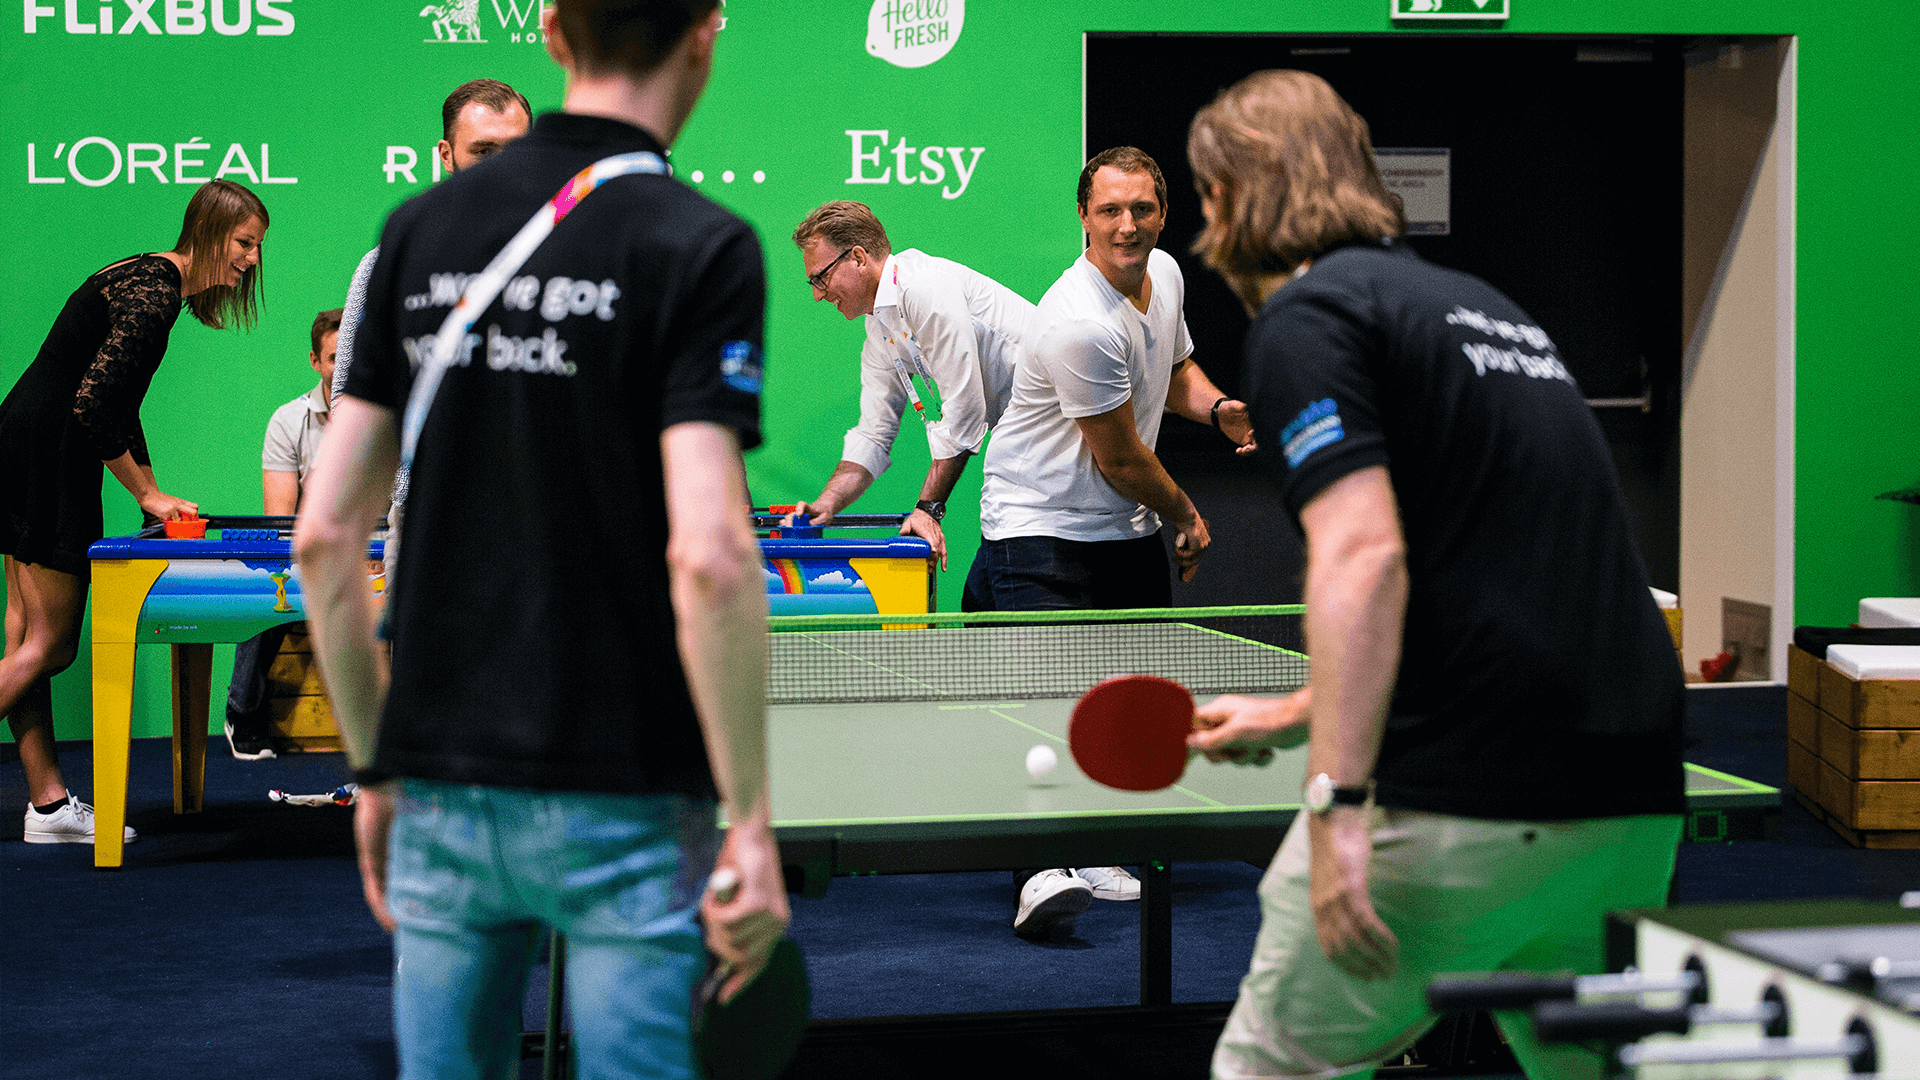 Fun Area Gäste beim Tischtennis spielen